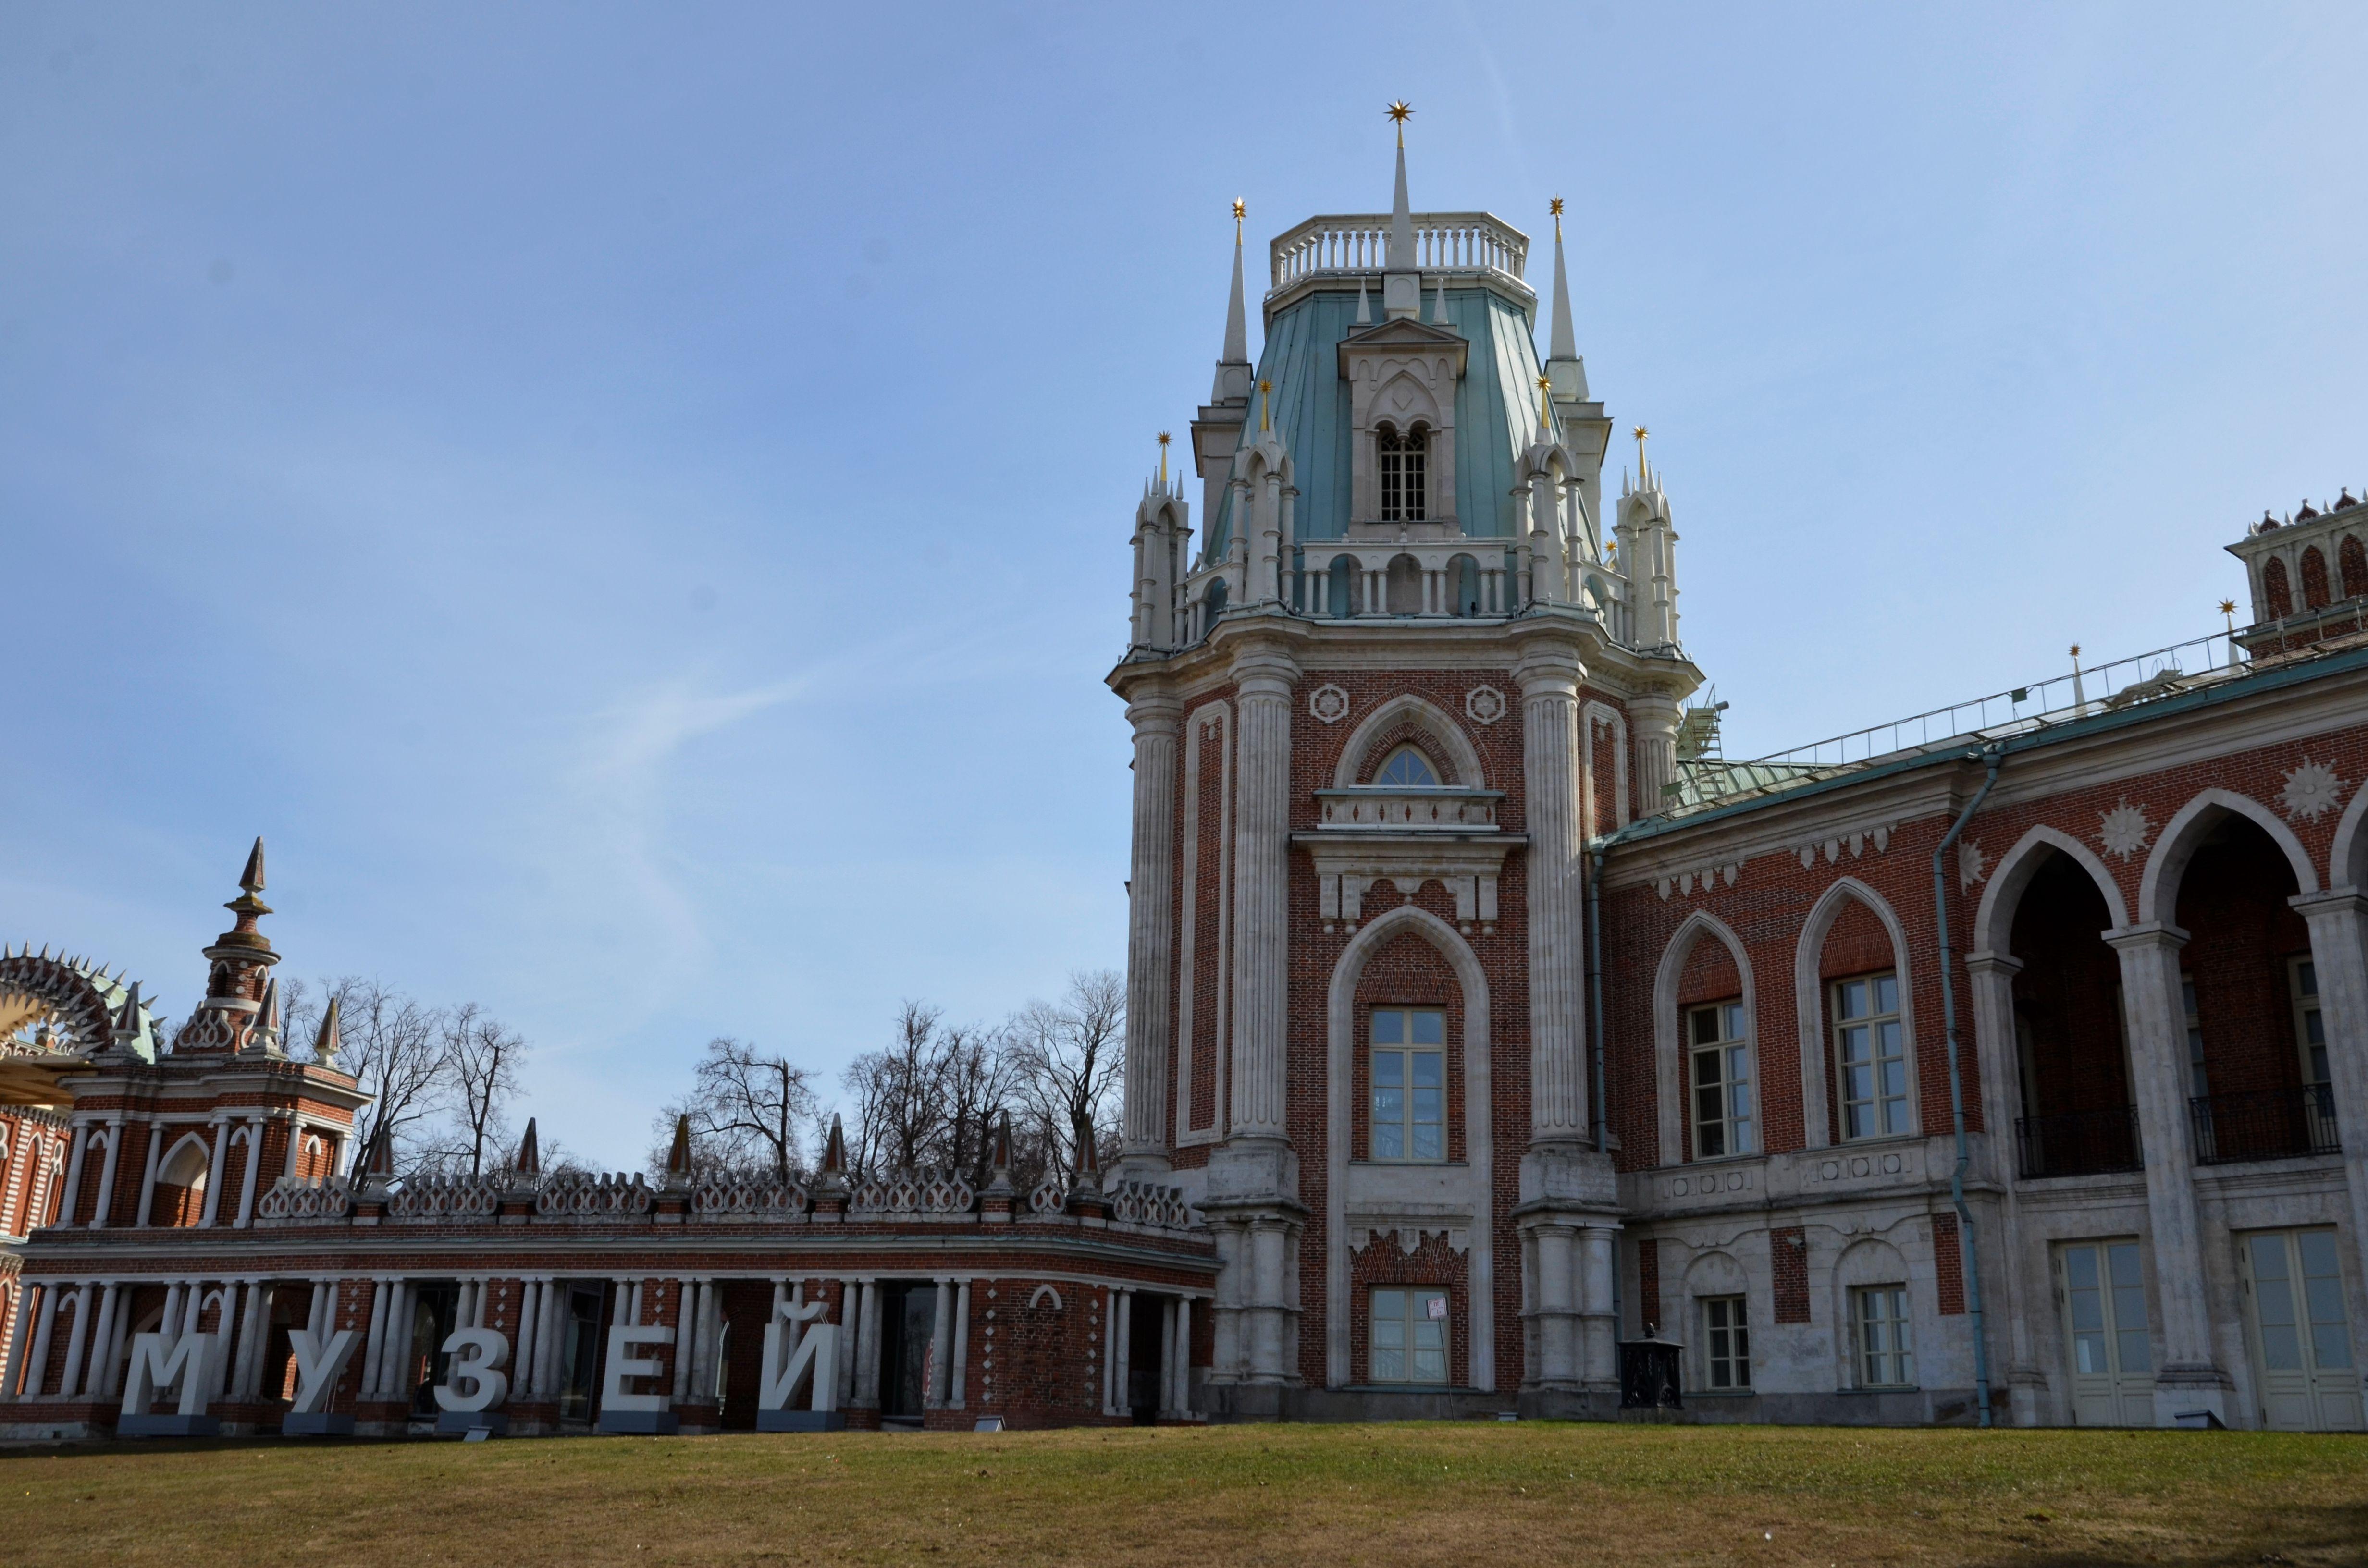 Желтый звук и Екатерина II: посетить выставки в музее-заповеднике «Царицыно» сегодня можно бесплатно